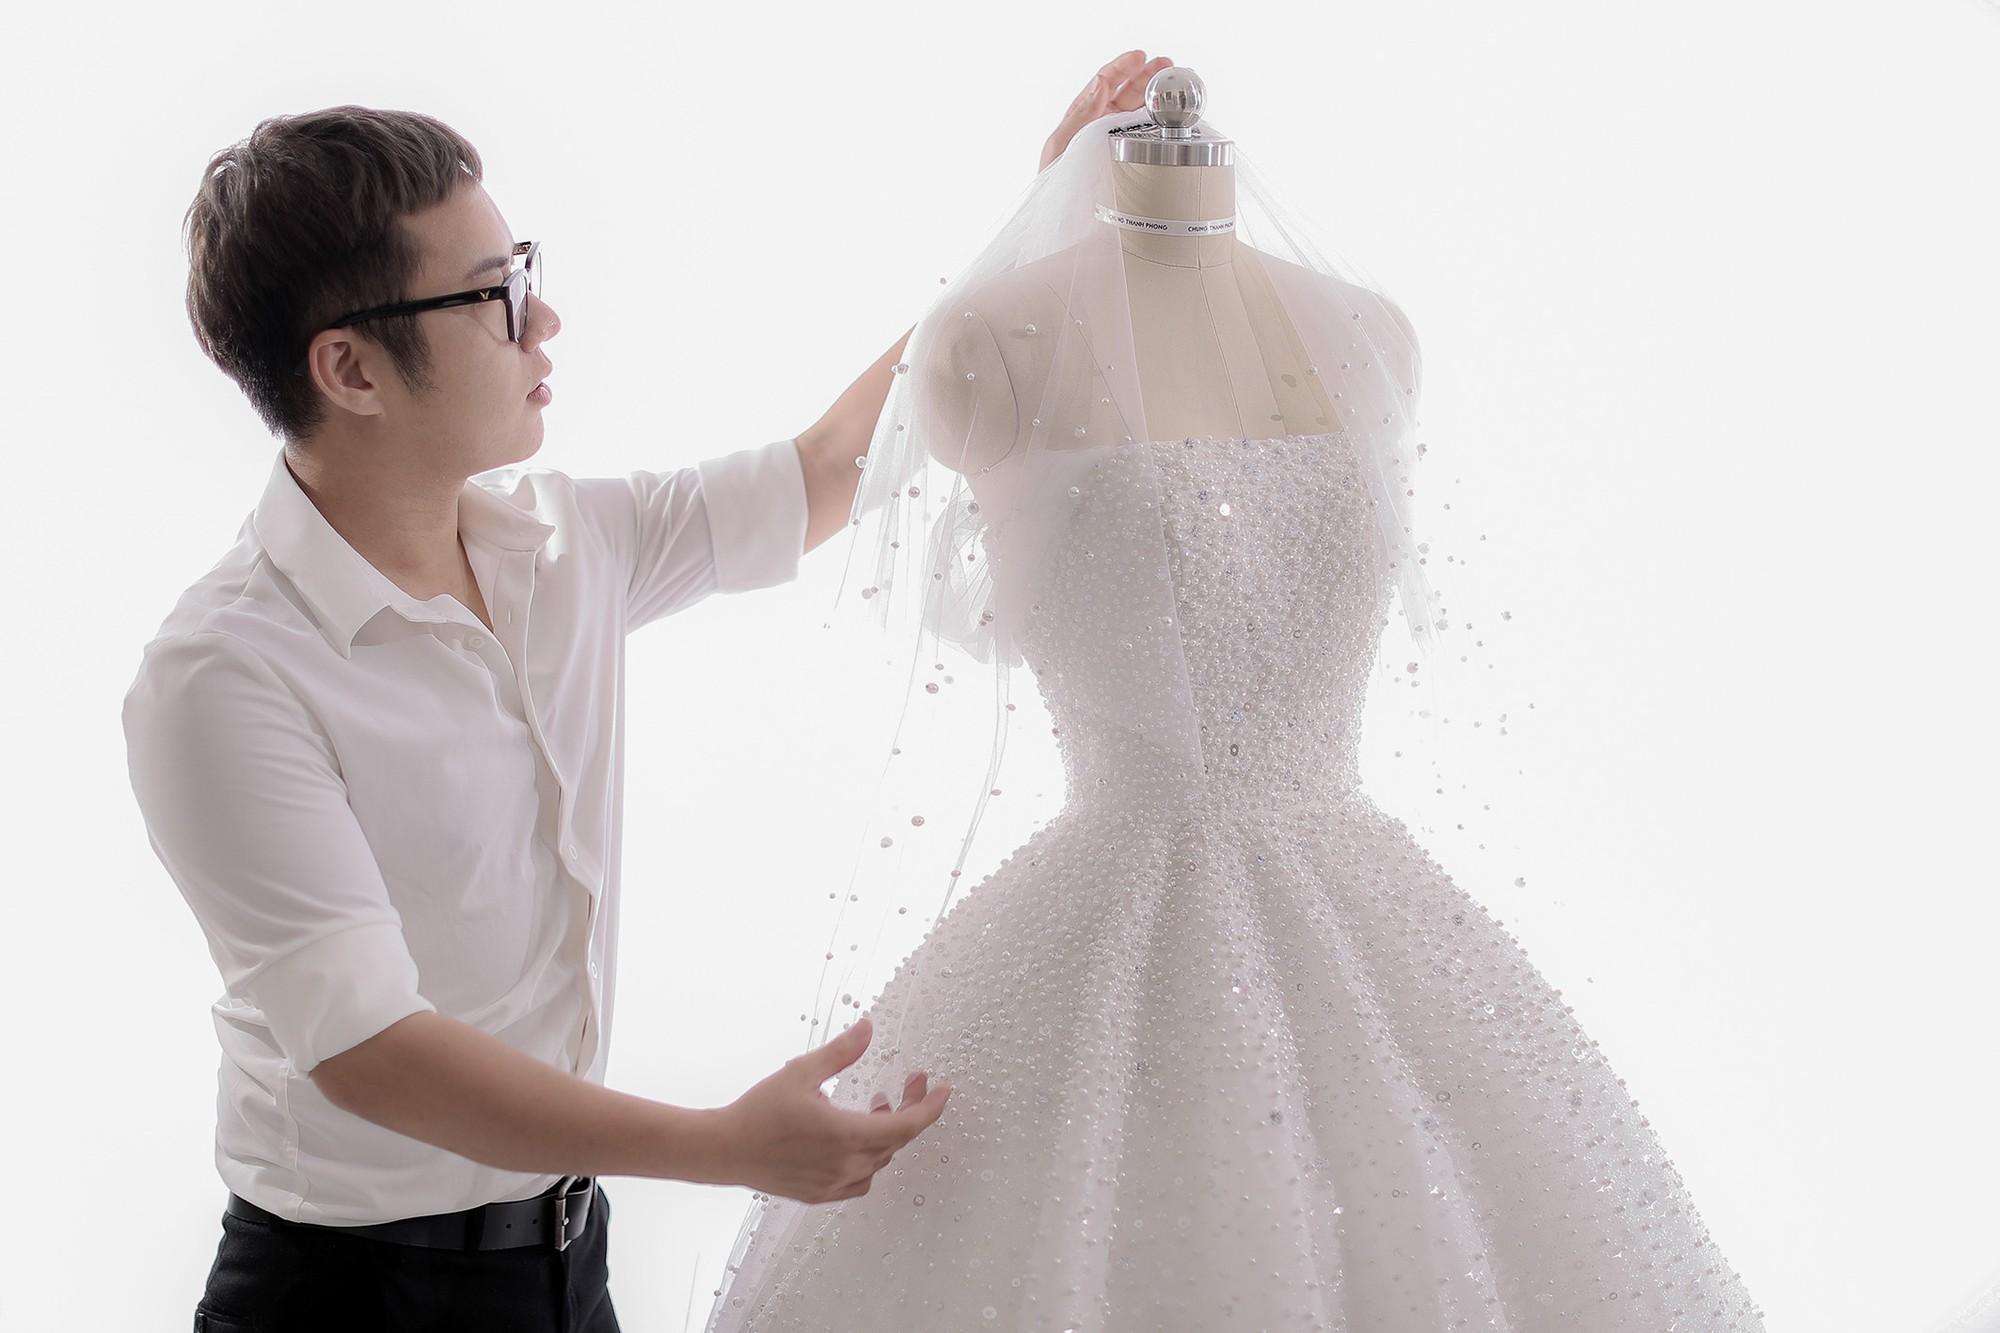 Á hậu Tú Anh lộng lẫy như cô dâu cổ tích khi diện váy cưới đính kết hơn 20.000 viên pha lê trong ngày trọng đại - Ảnh 2.